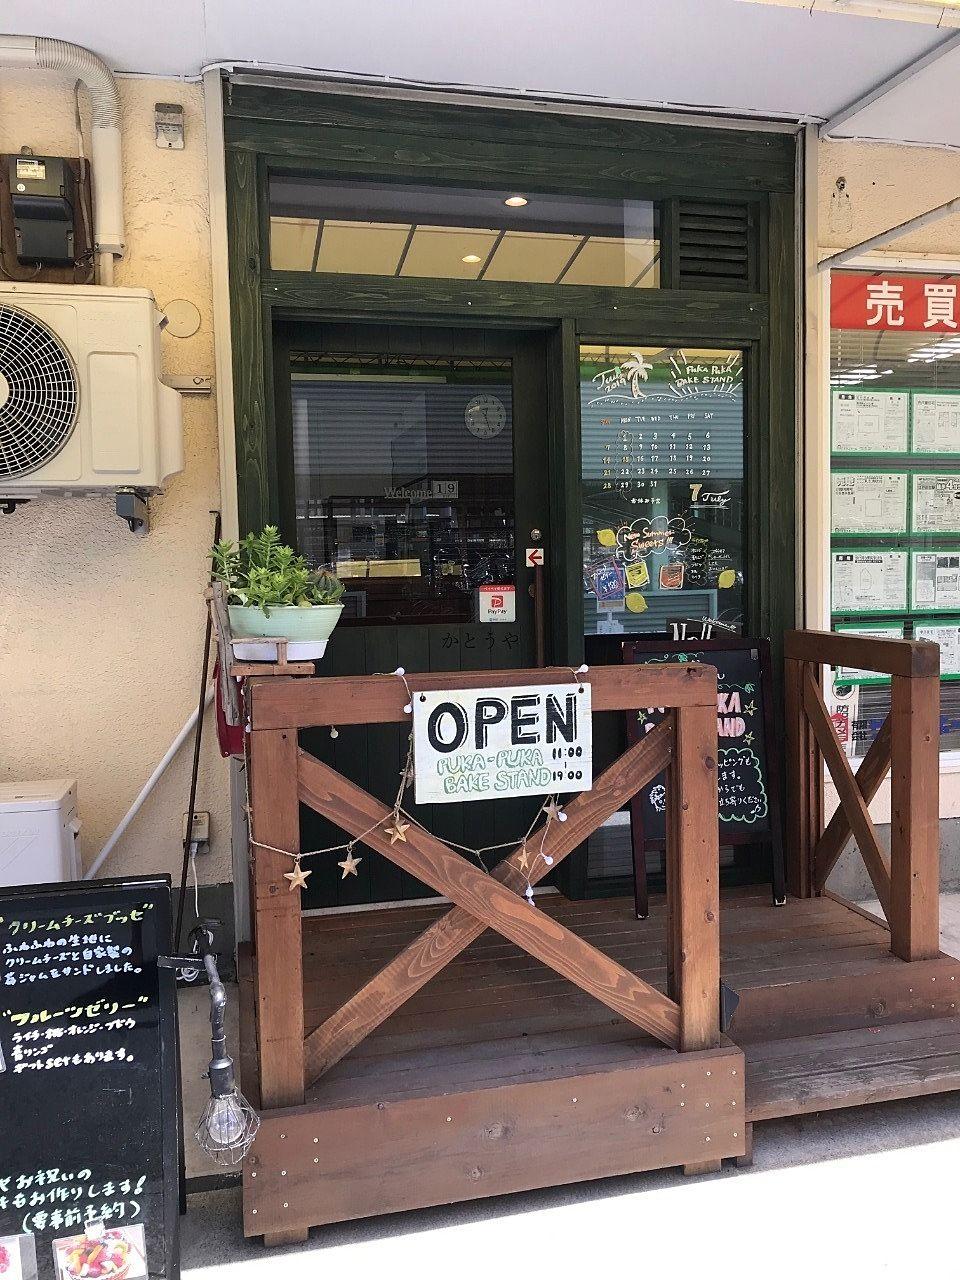 プカプカベイクスタンドさんでお中元を注文する。